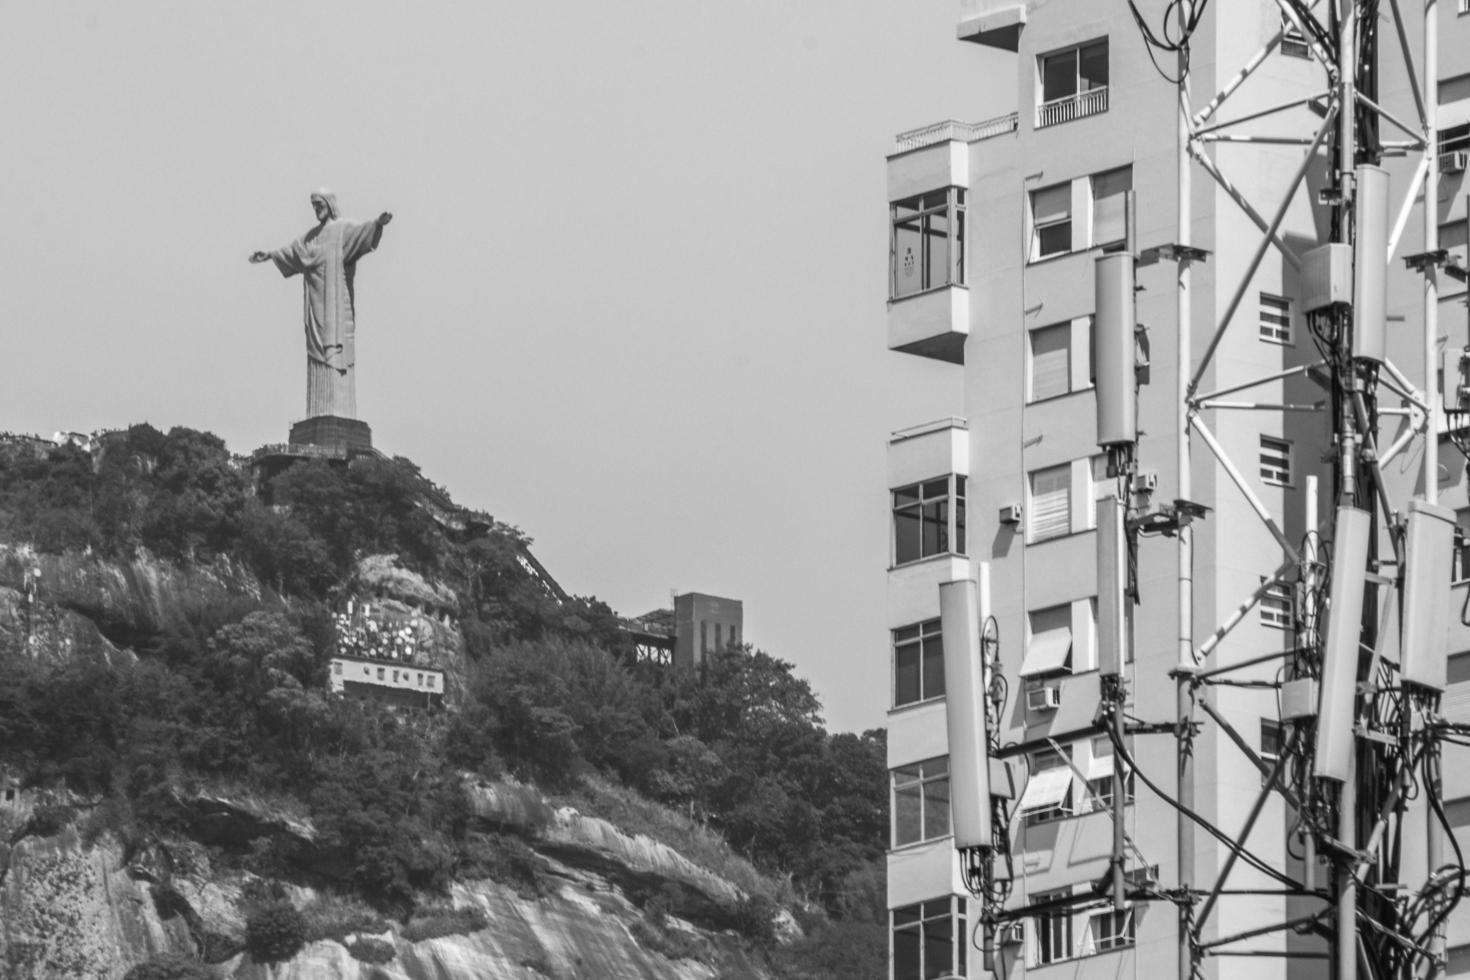 rio de janeiro, brasile, 2021 - cristo redentore foto